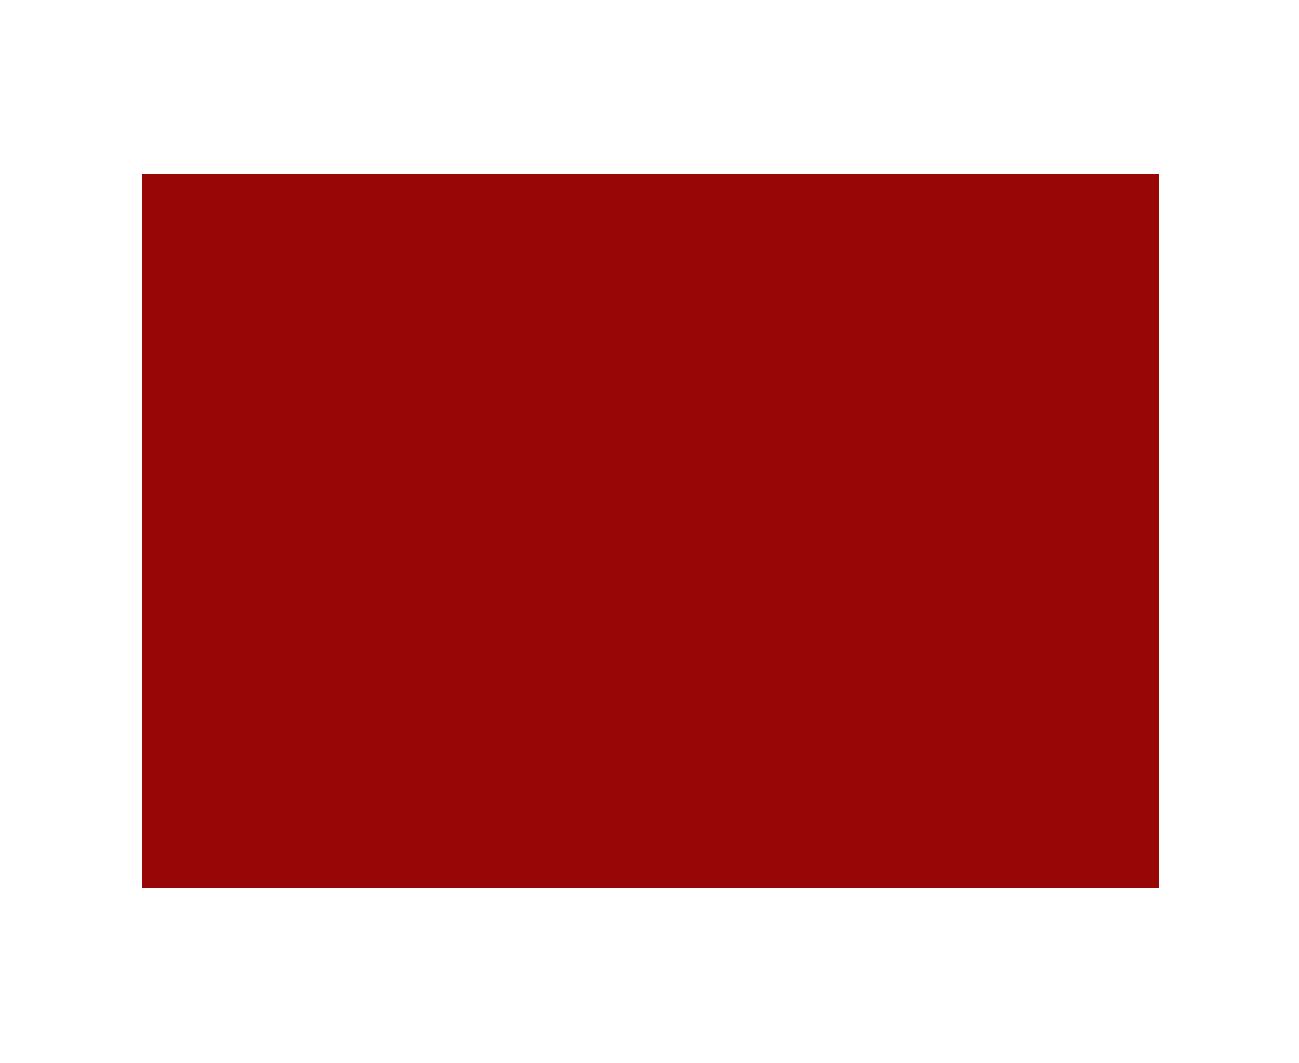 Jadis-LogoREDTRSP